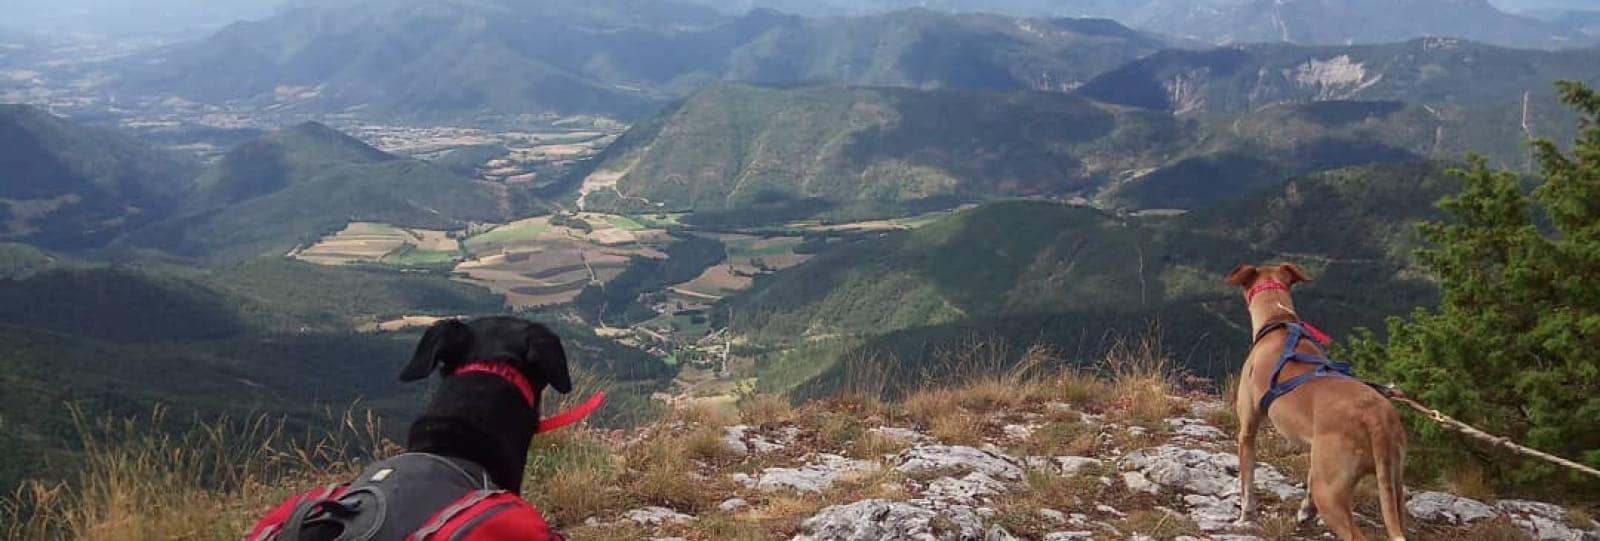 Cani-rando avec l'Aventure Blanche